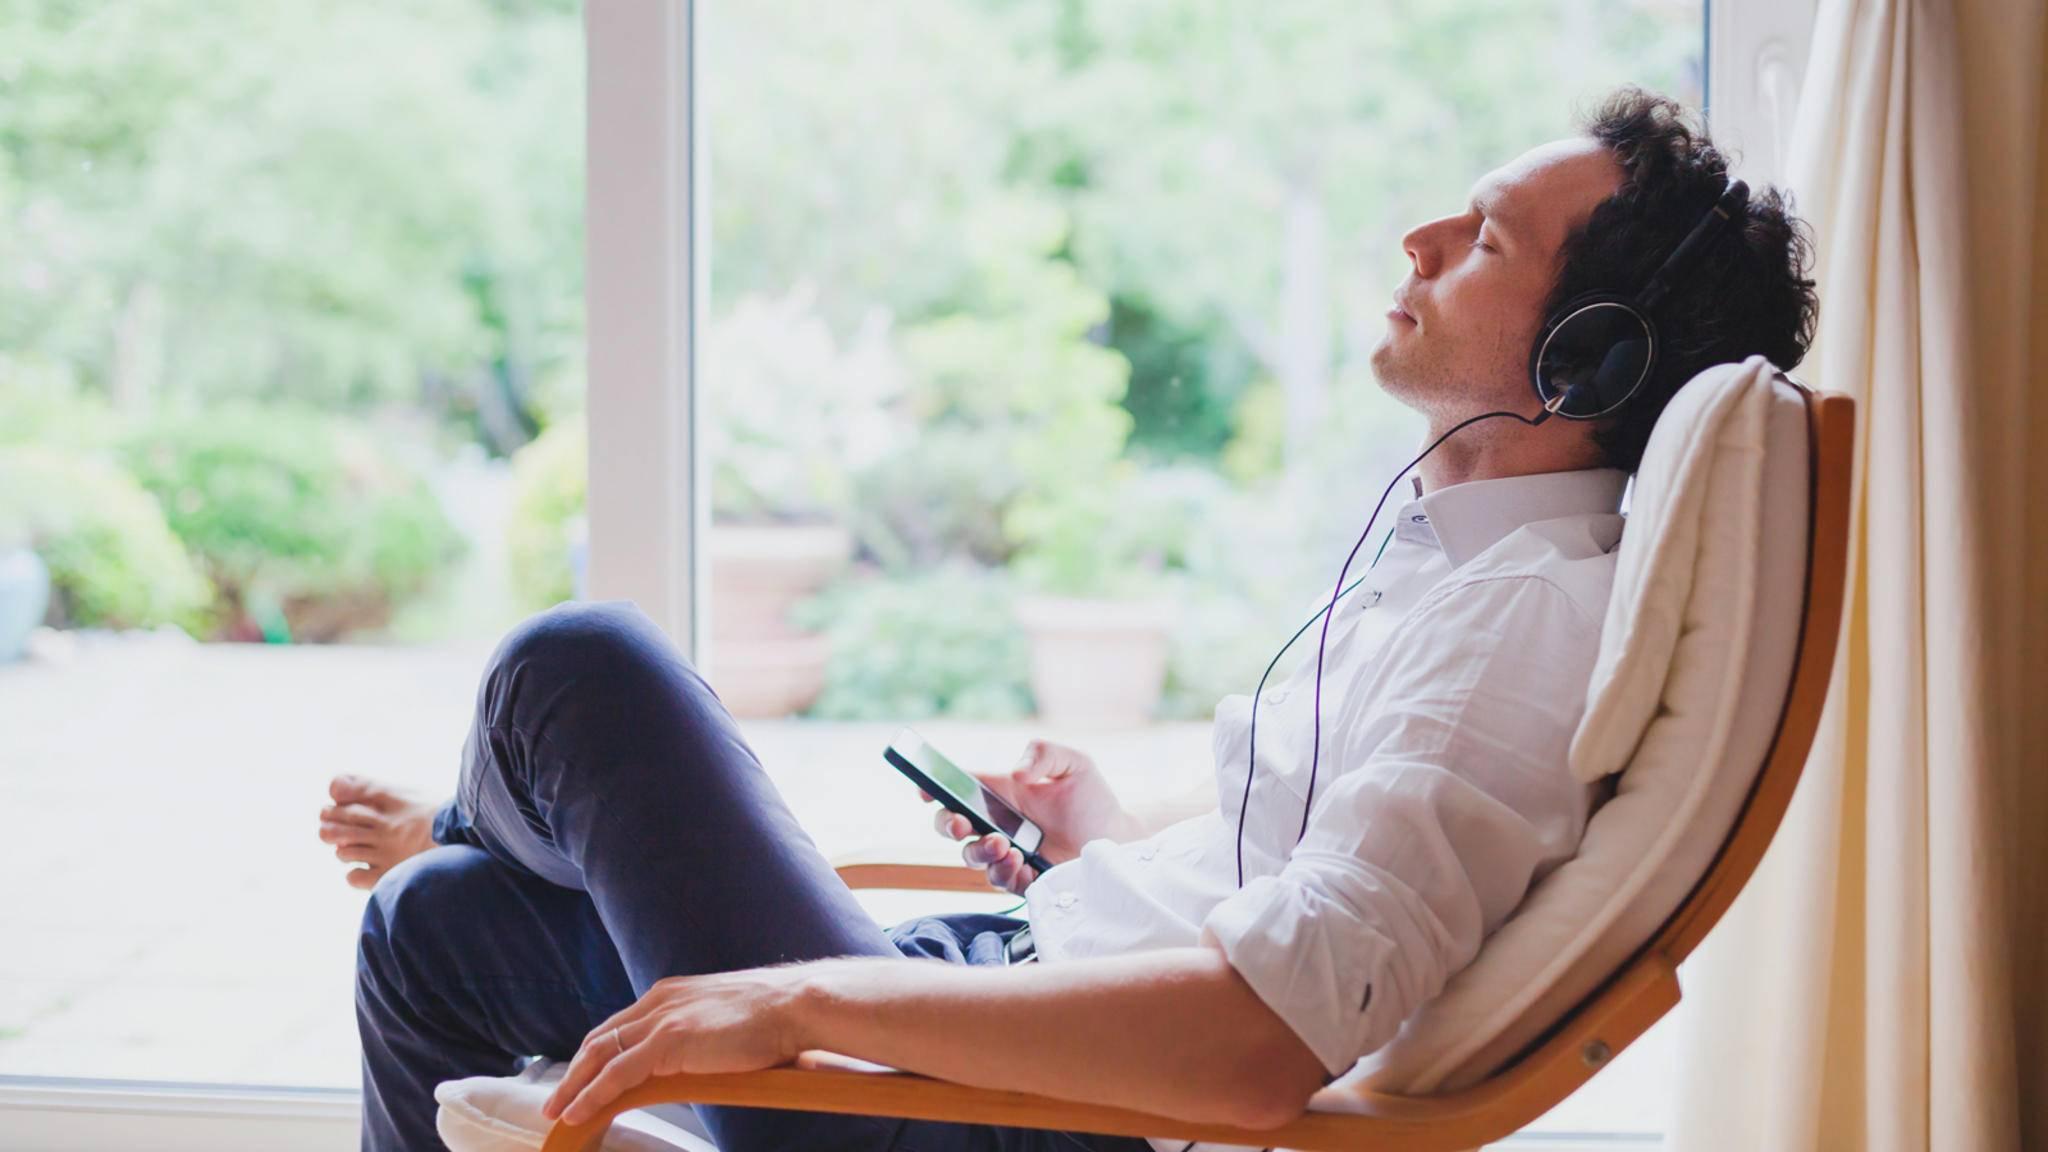 Kopfhörer-Smartphone-Mann-entspannt-anyaberkut-AdobeStock_164645418